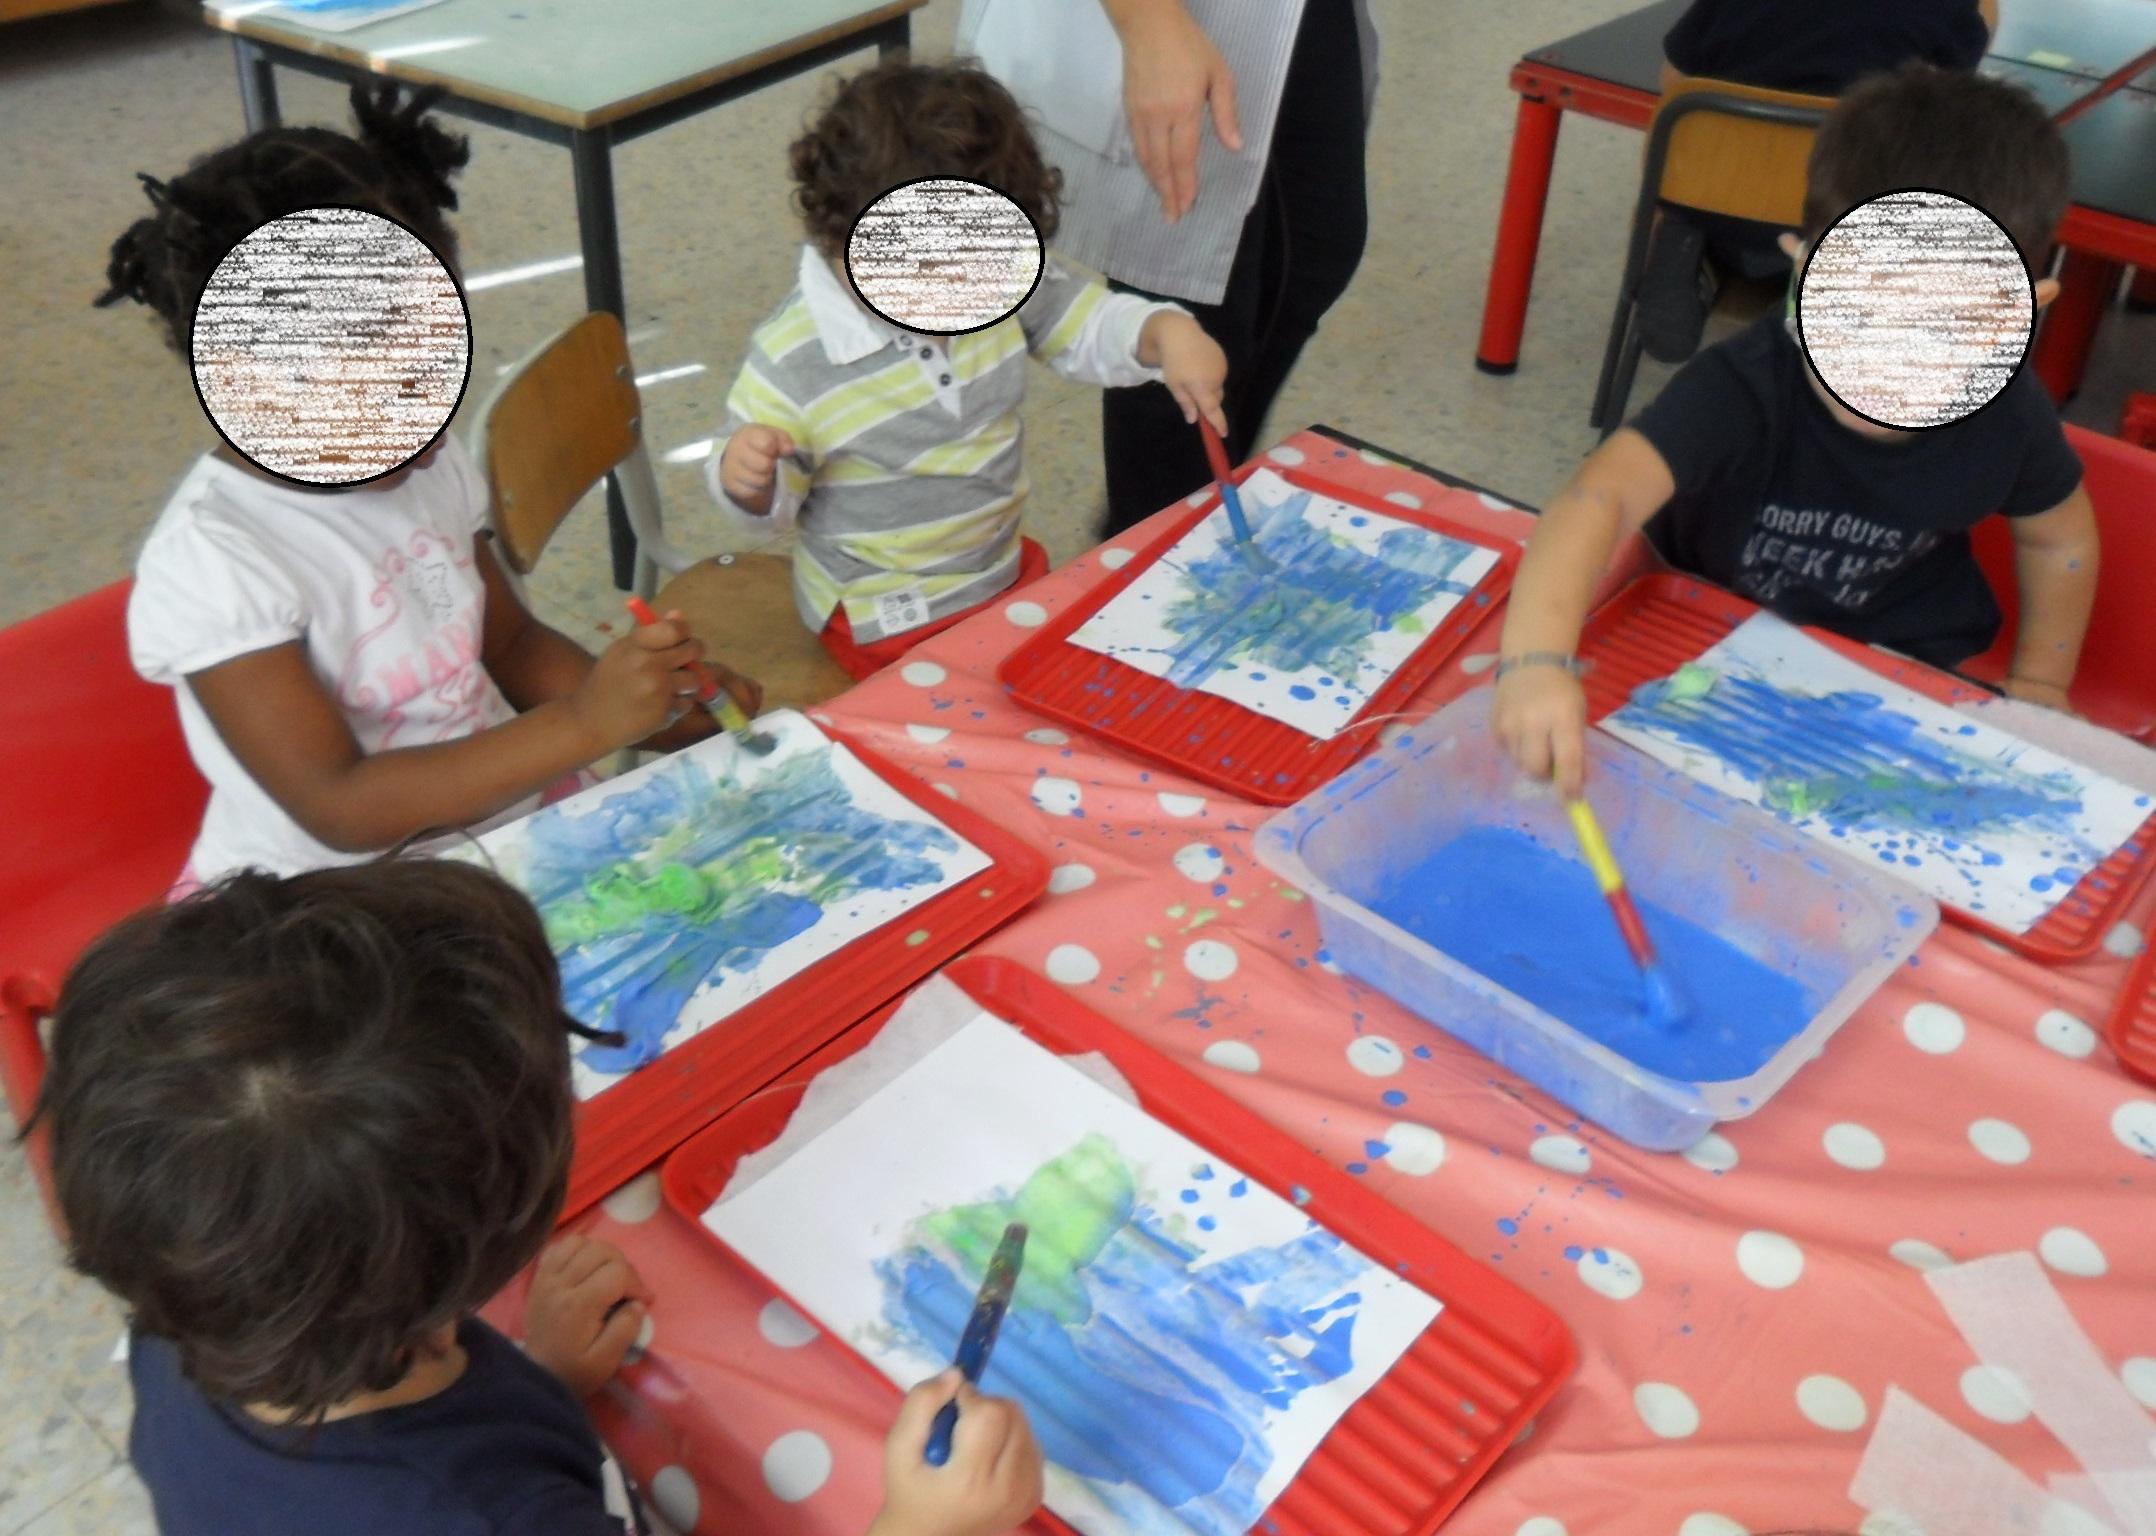 abbastanza Calendario 2013 – Attività creative per bambini – seconda parte  FY56